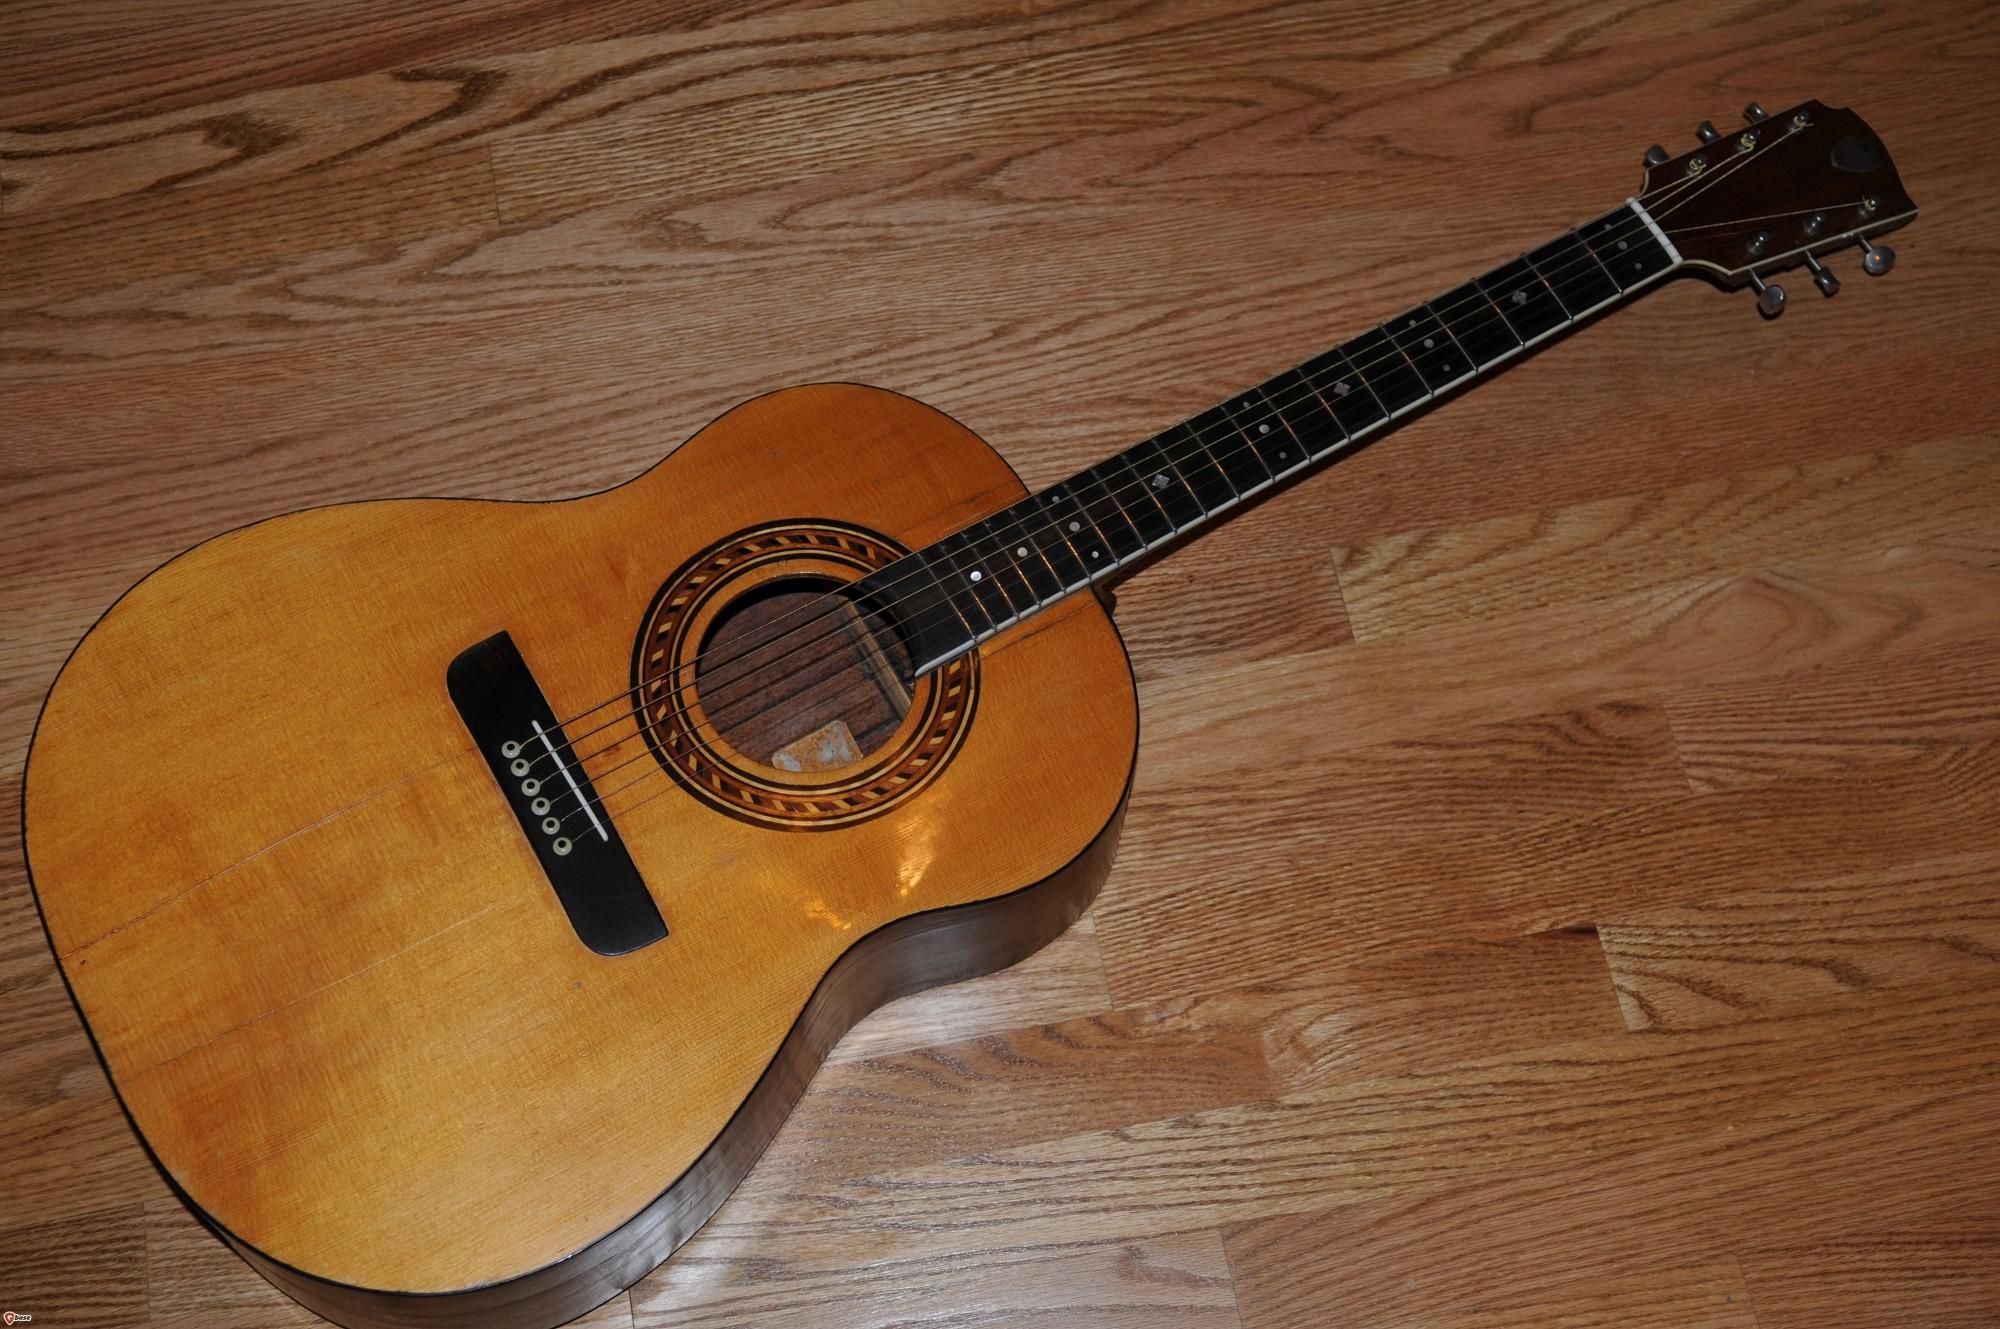 1960 Tony zemaitis Acoustic